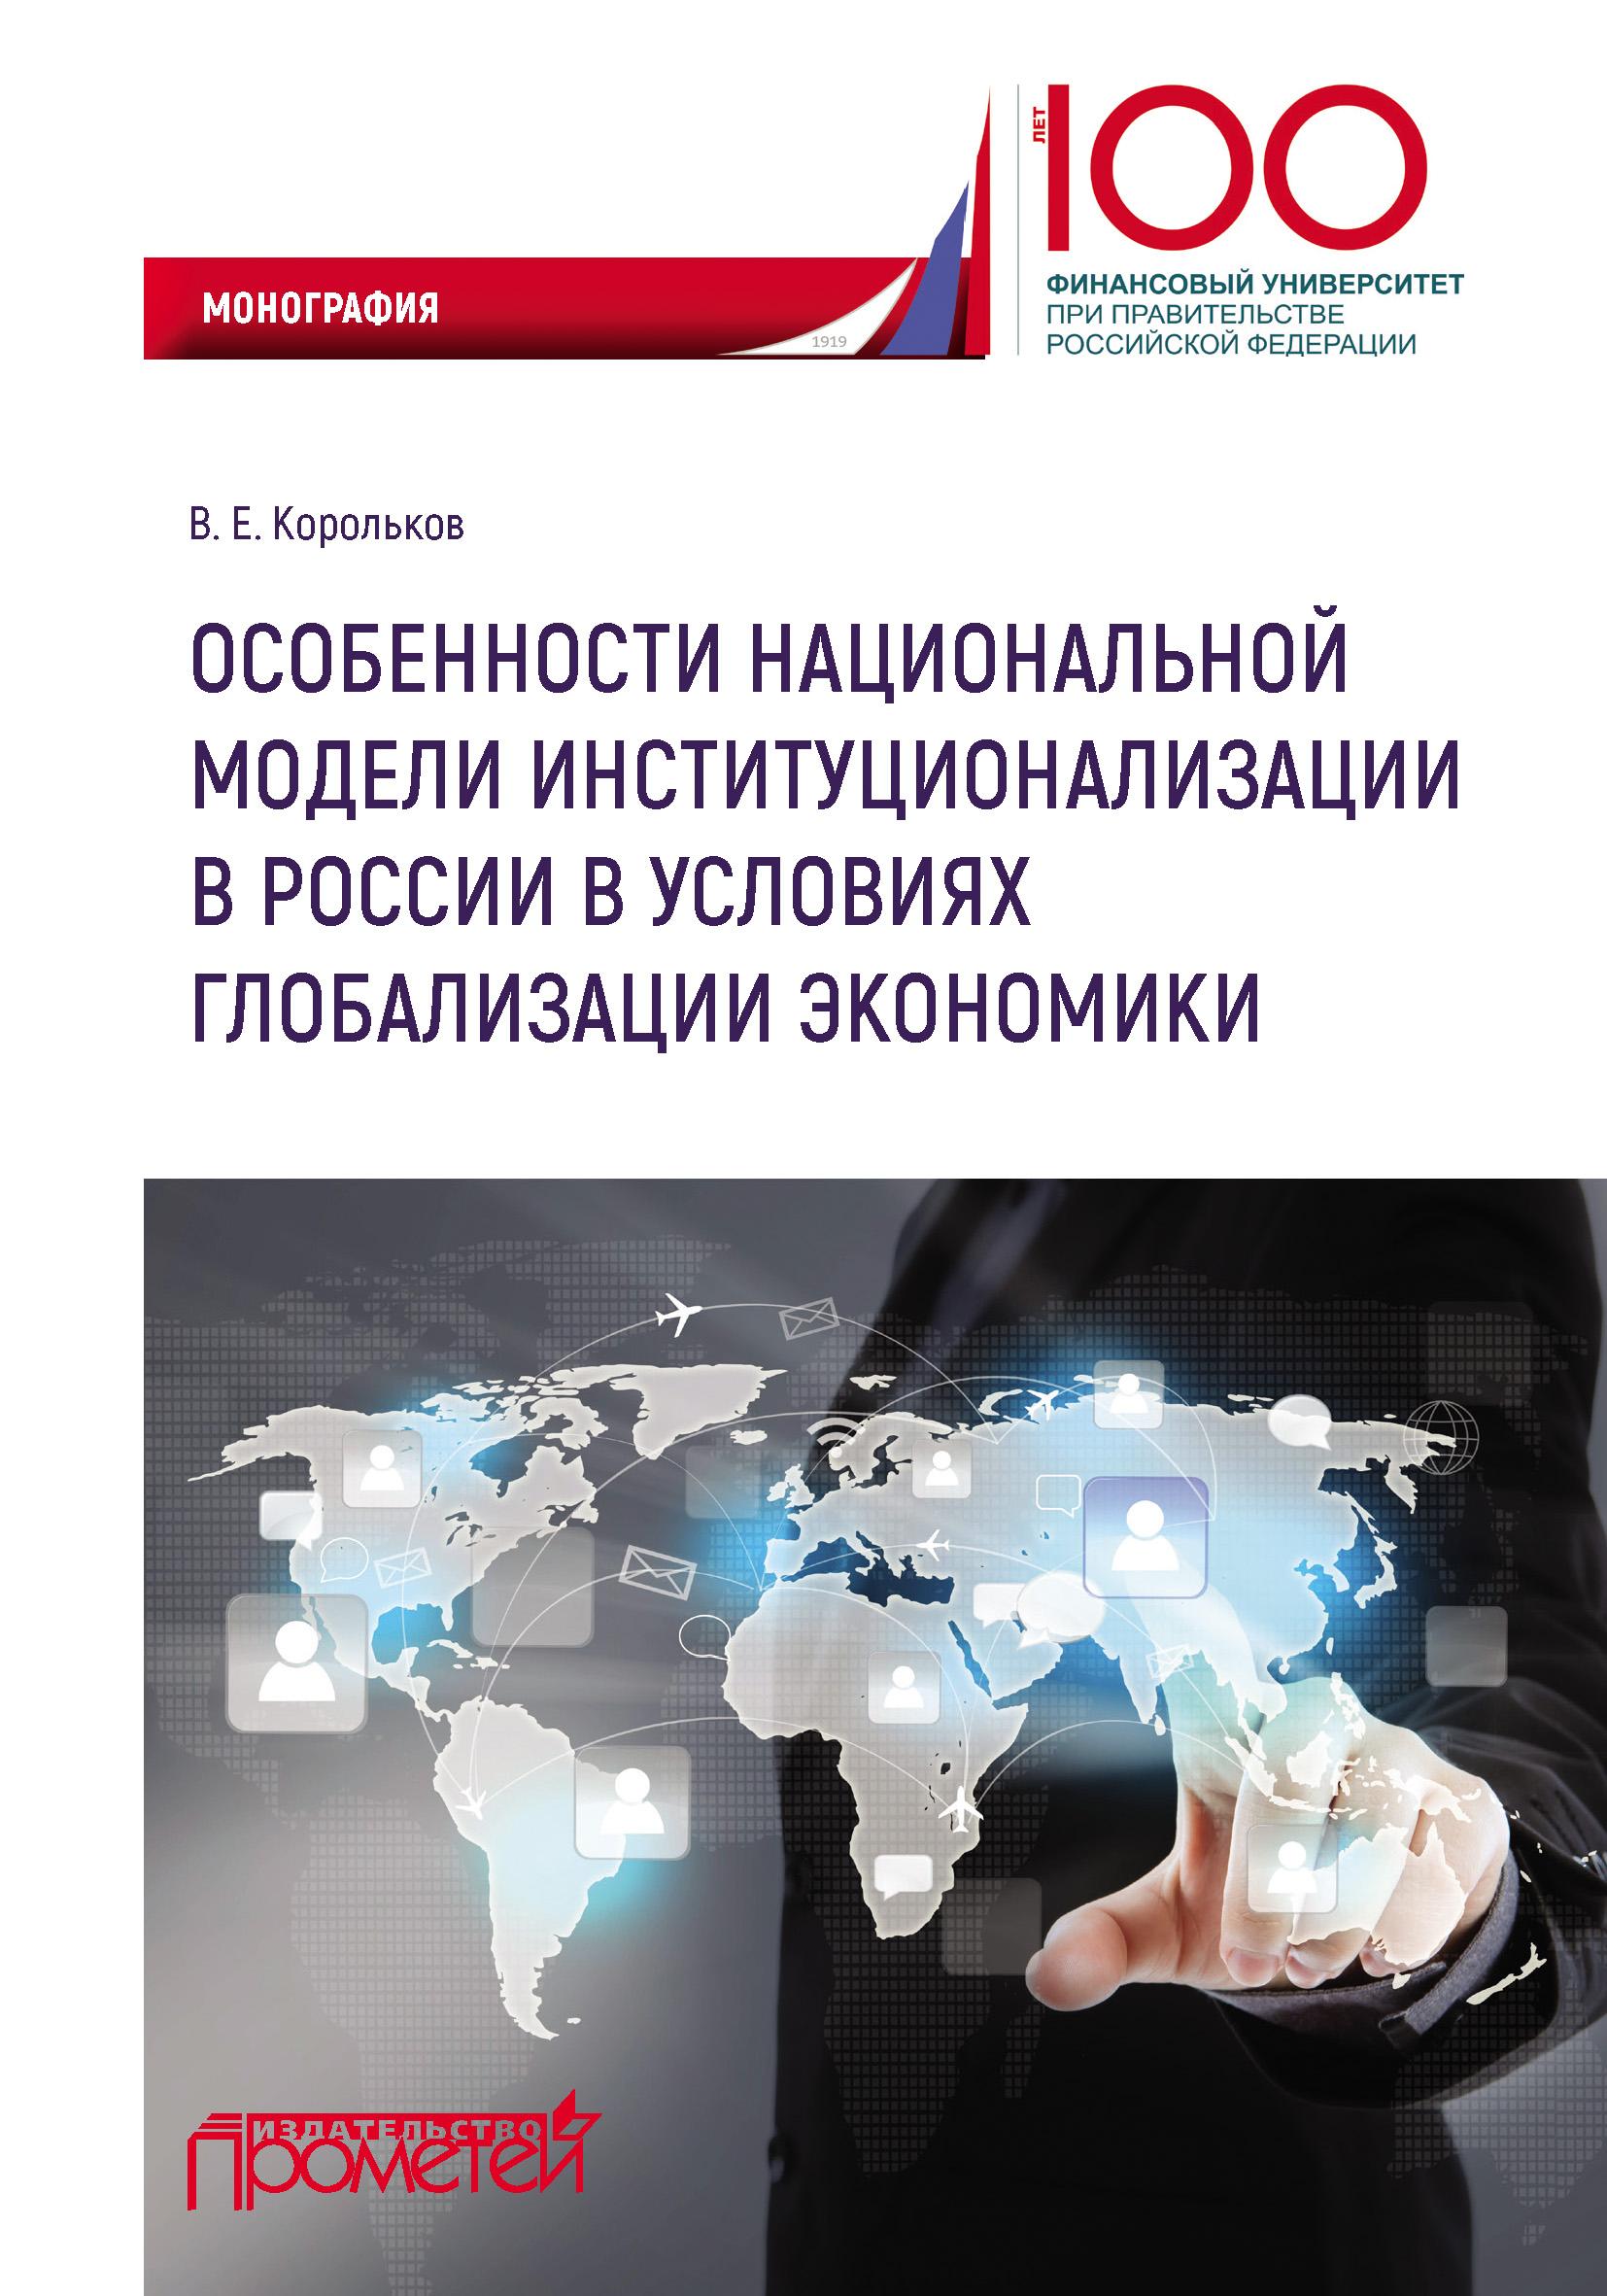 В. Е. Корольков Особенности национальной модели институционализации в России в условиях глобализации экономики